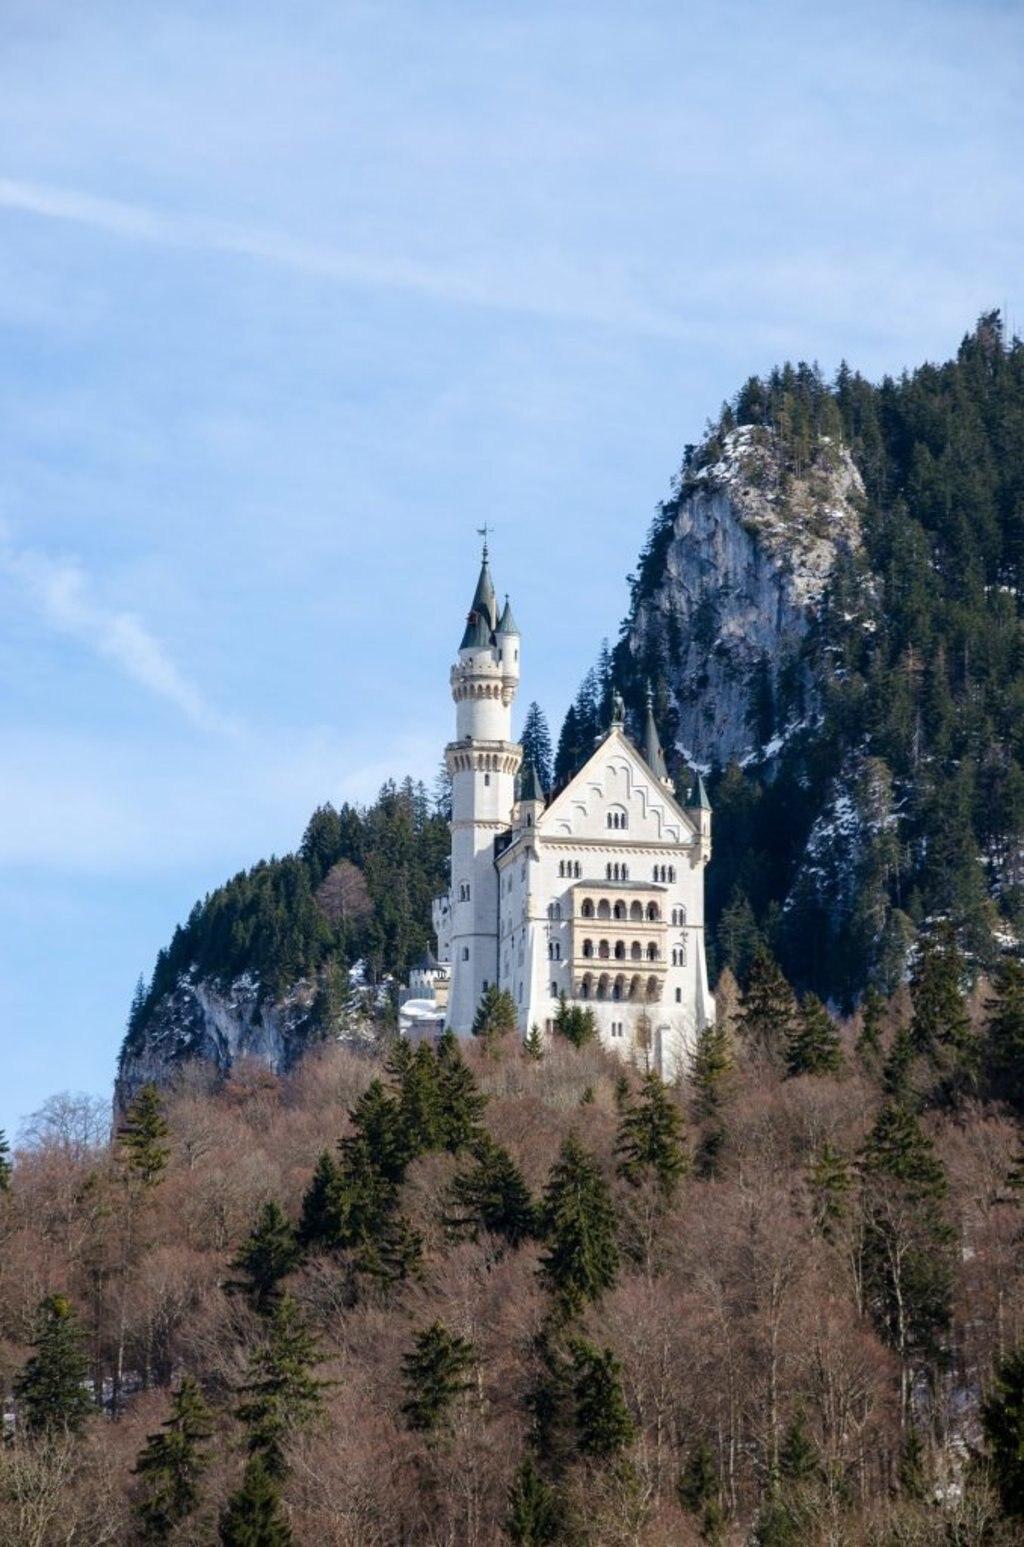 Schloß Neuschwanstein Als Tagesausflug Ab München